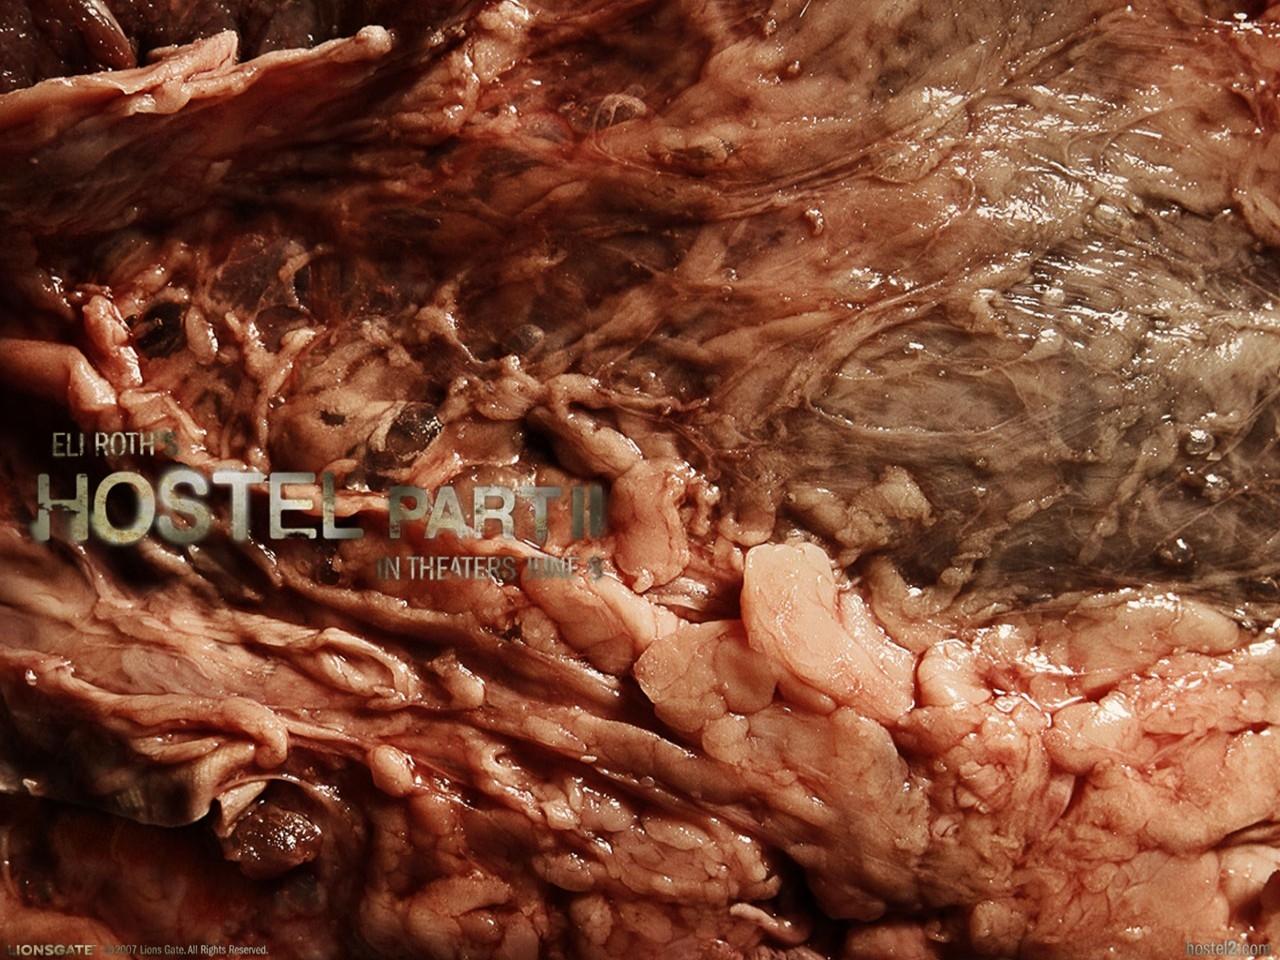 Wallpaper 'al sangue' del film Hostel: Part II